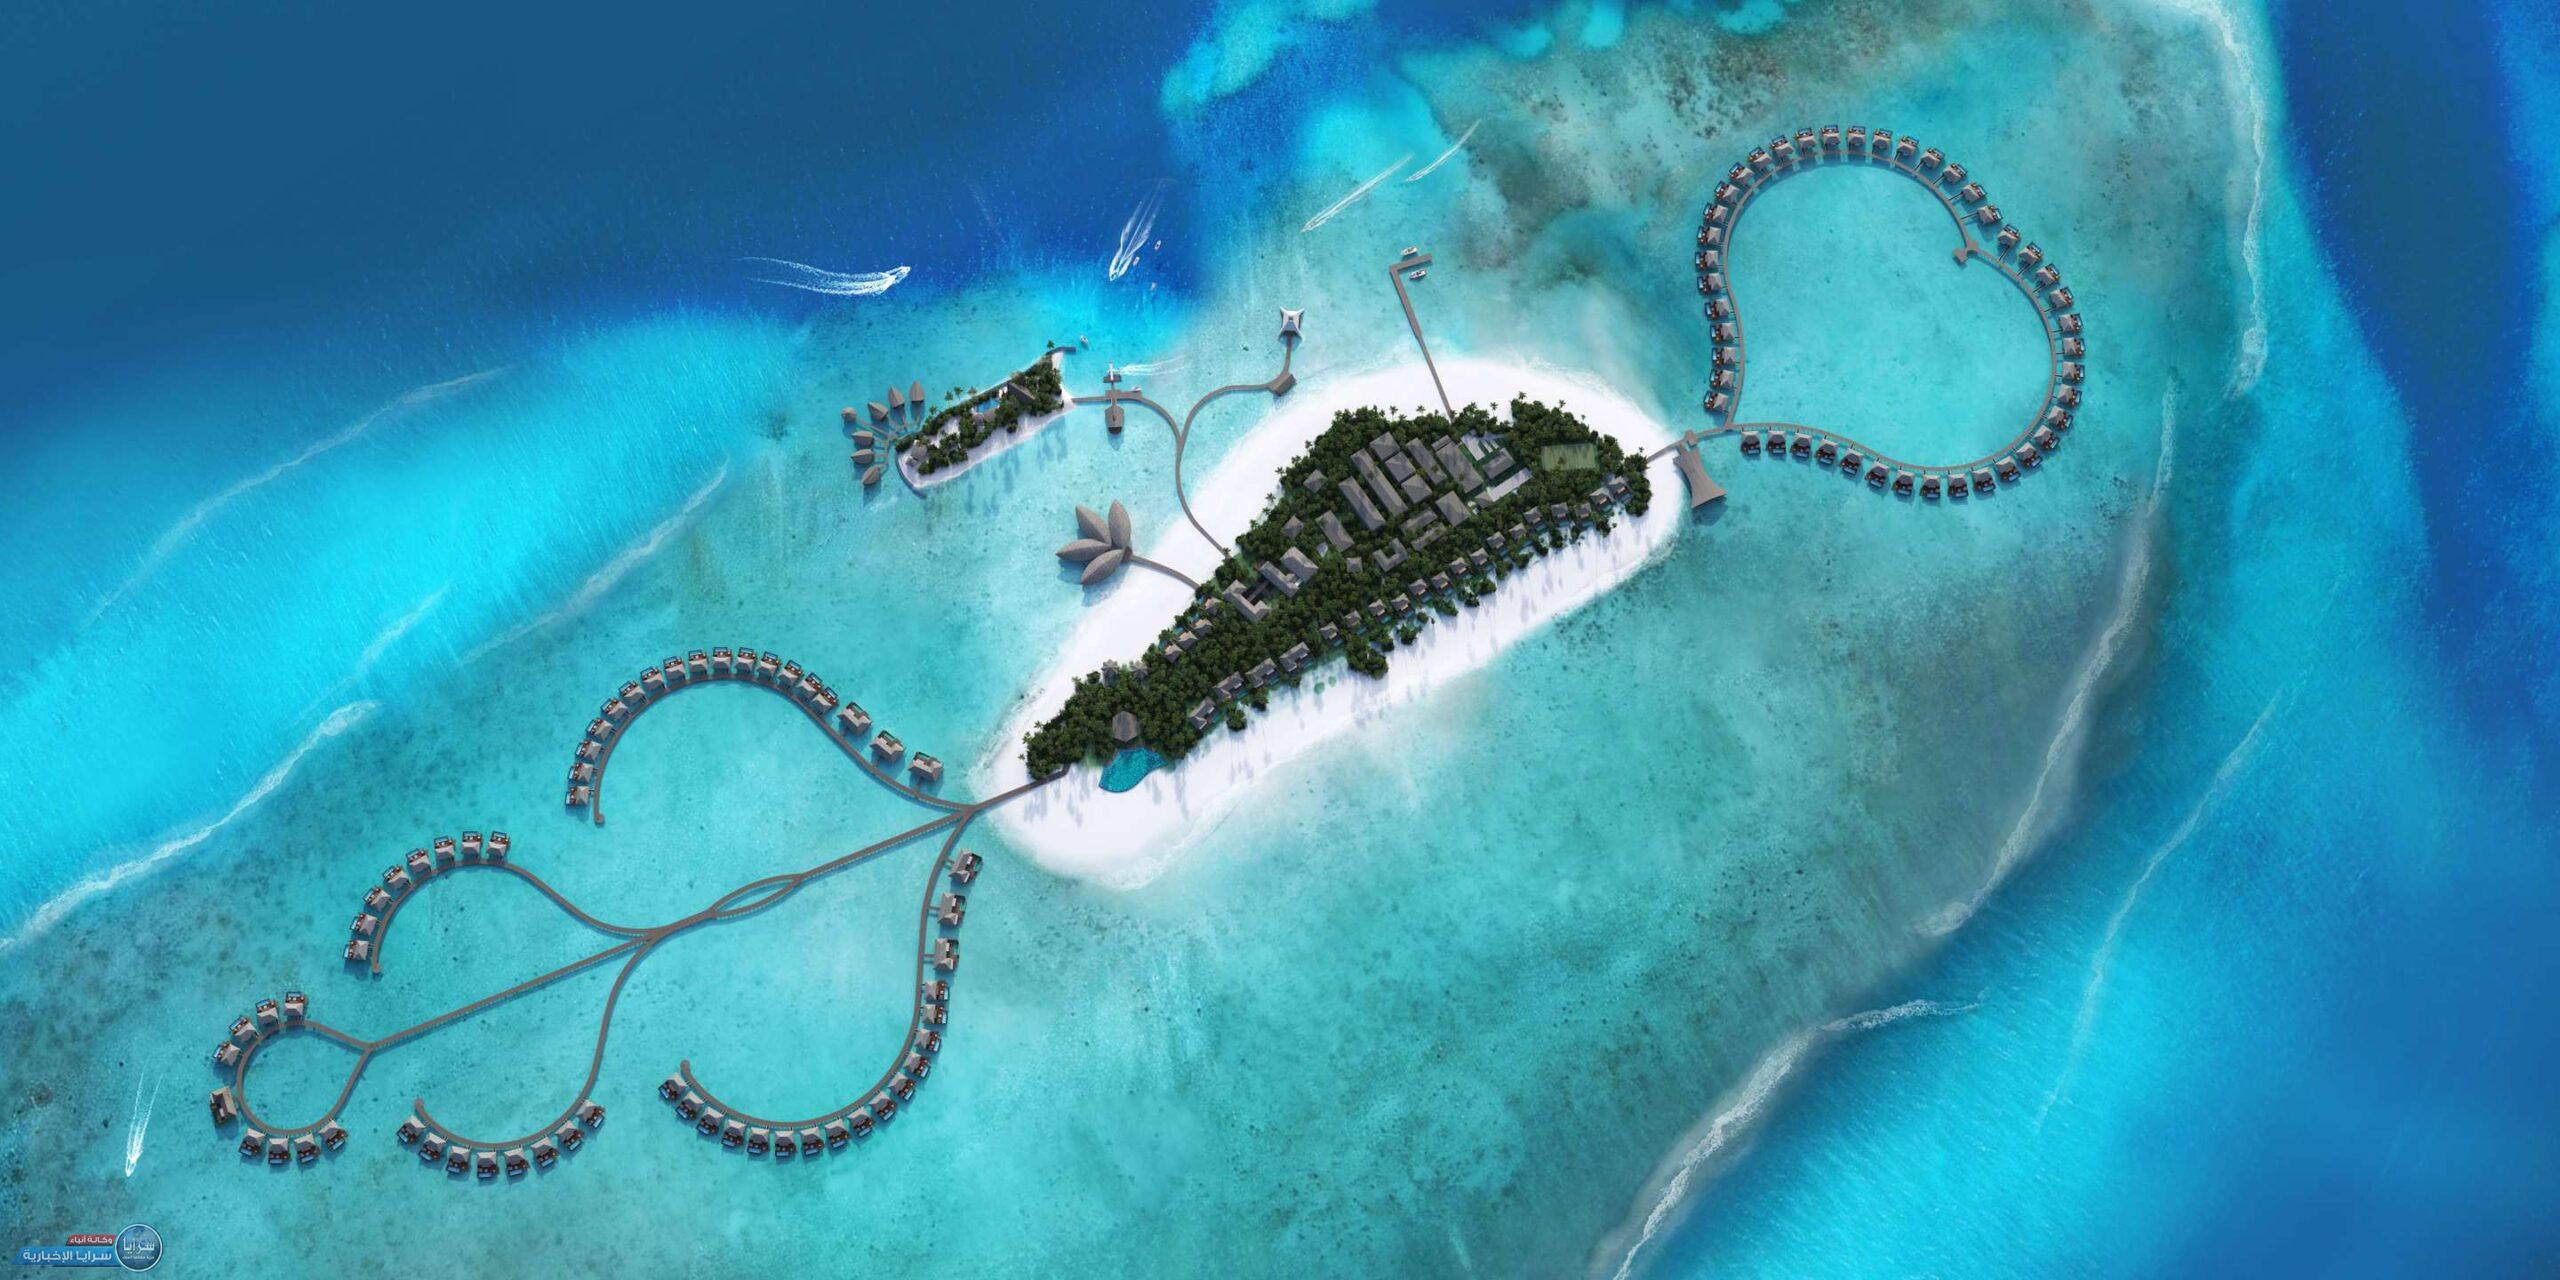 المالديف ..  مغامرات جريئة ونكهات محلية وسط المحيط الهندي